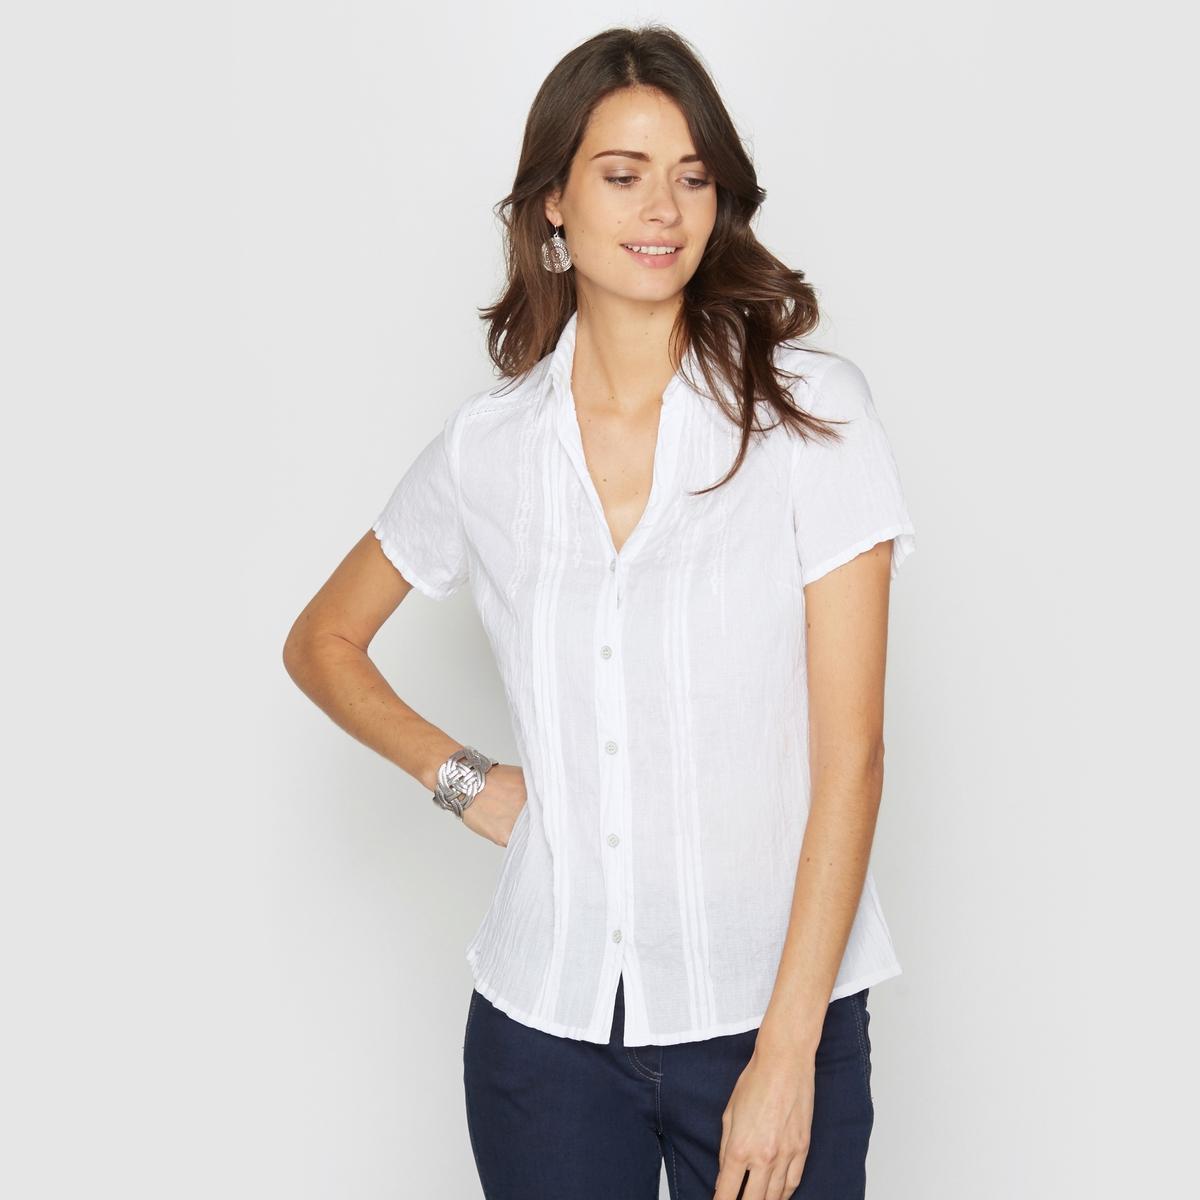 Блузка с горизонтальными складками и фантазийной вышивкой, 100% хлопка